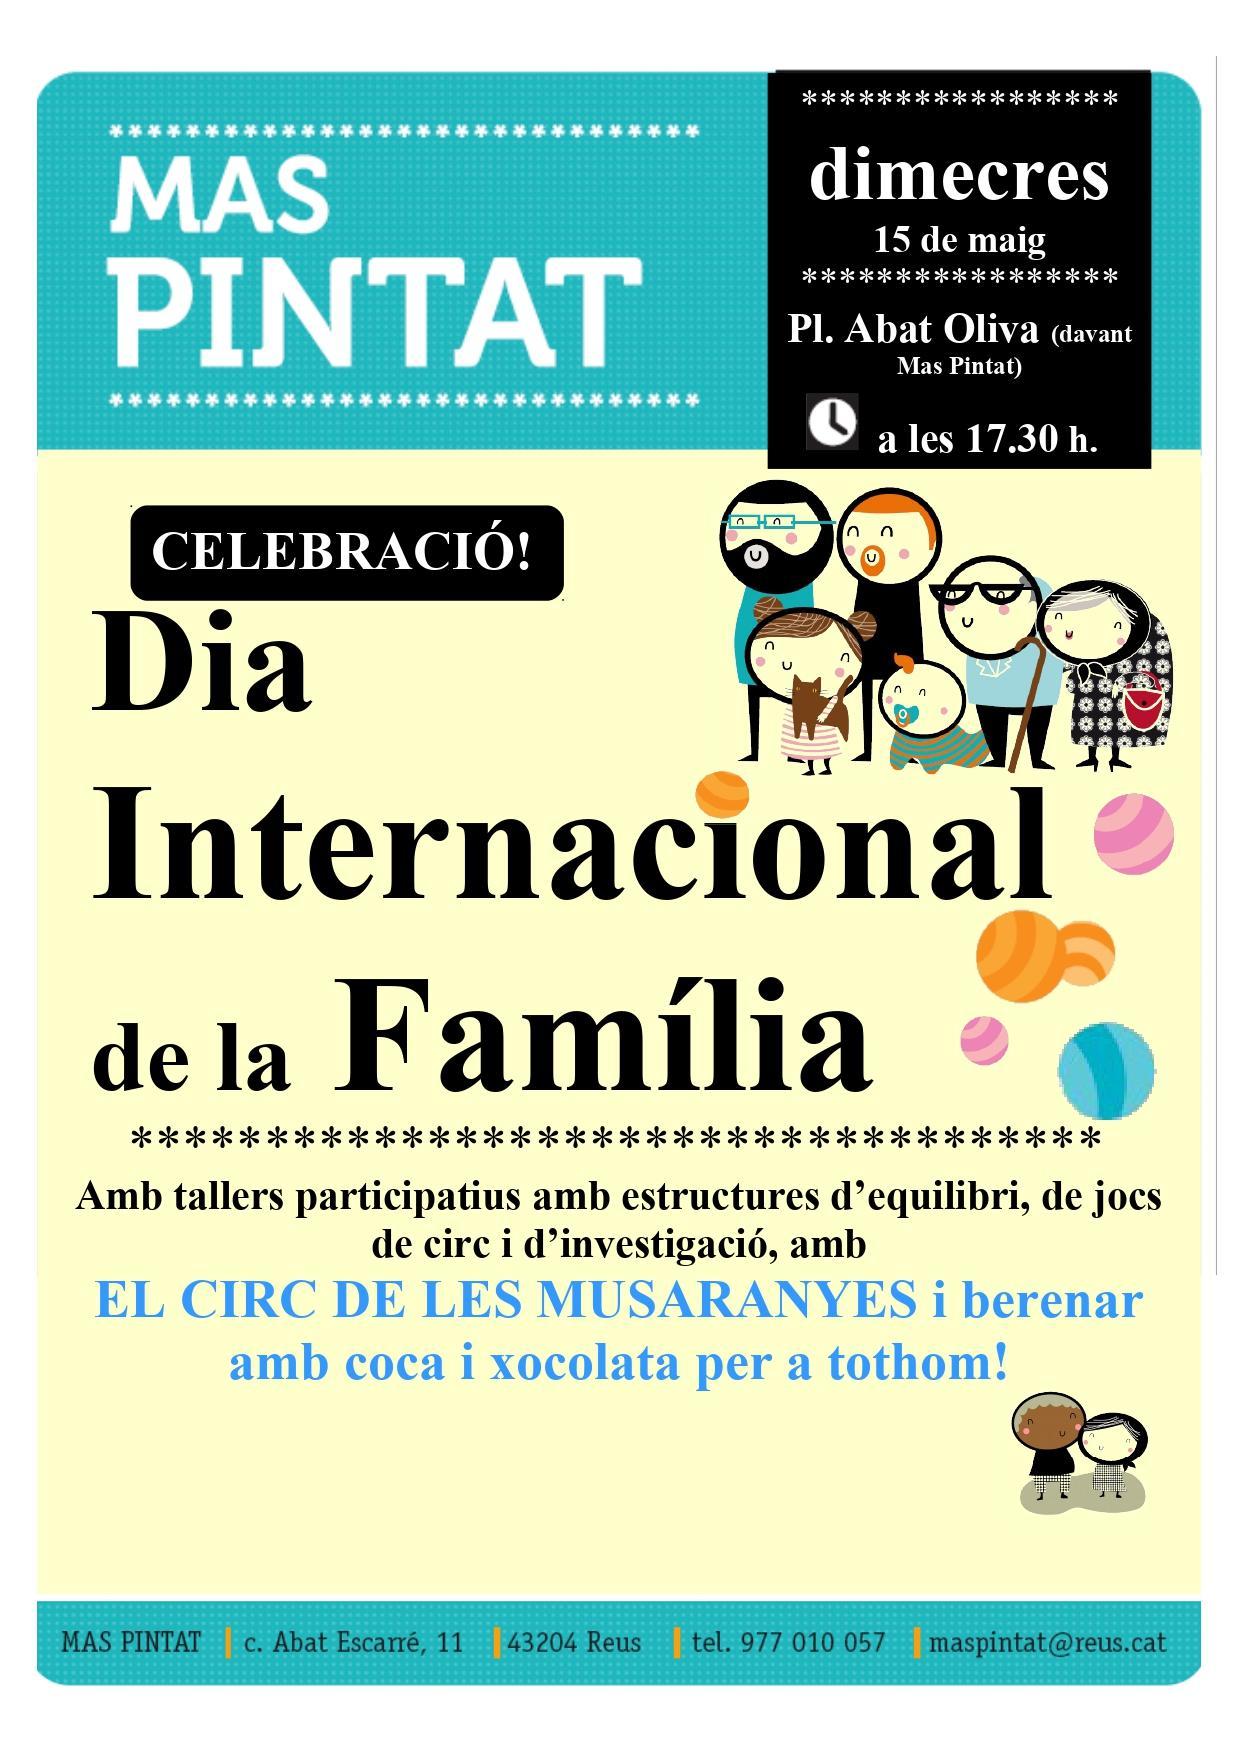 Celebració del DIA INTERNACIONAL DE LA FAMILIA